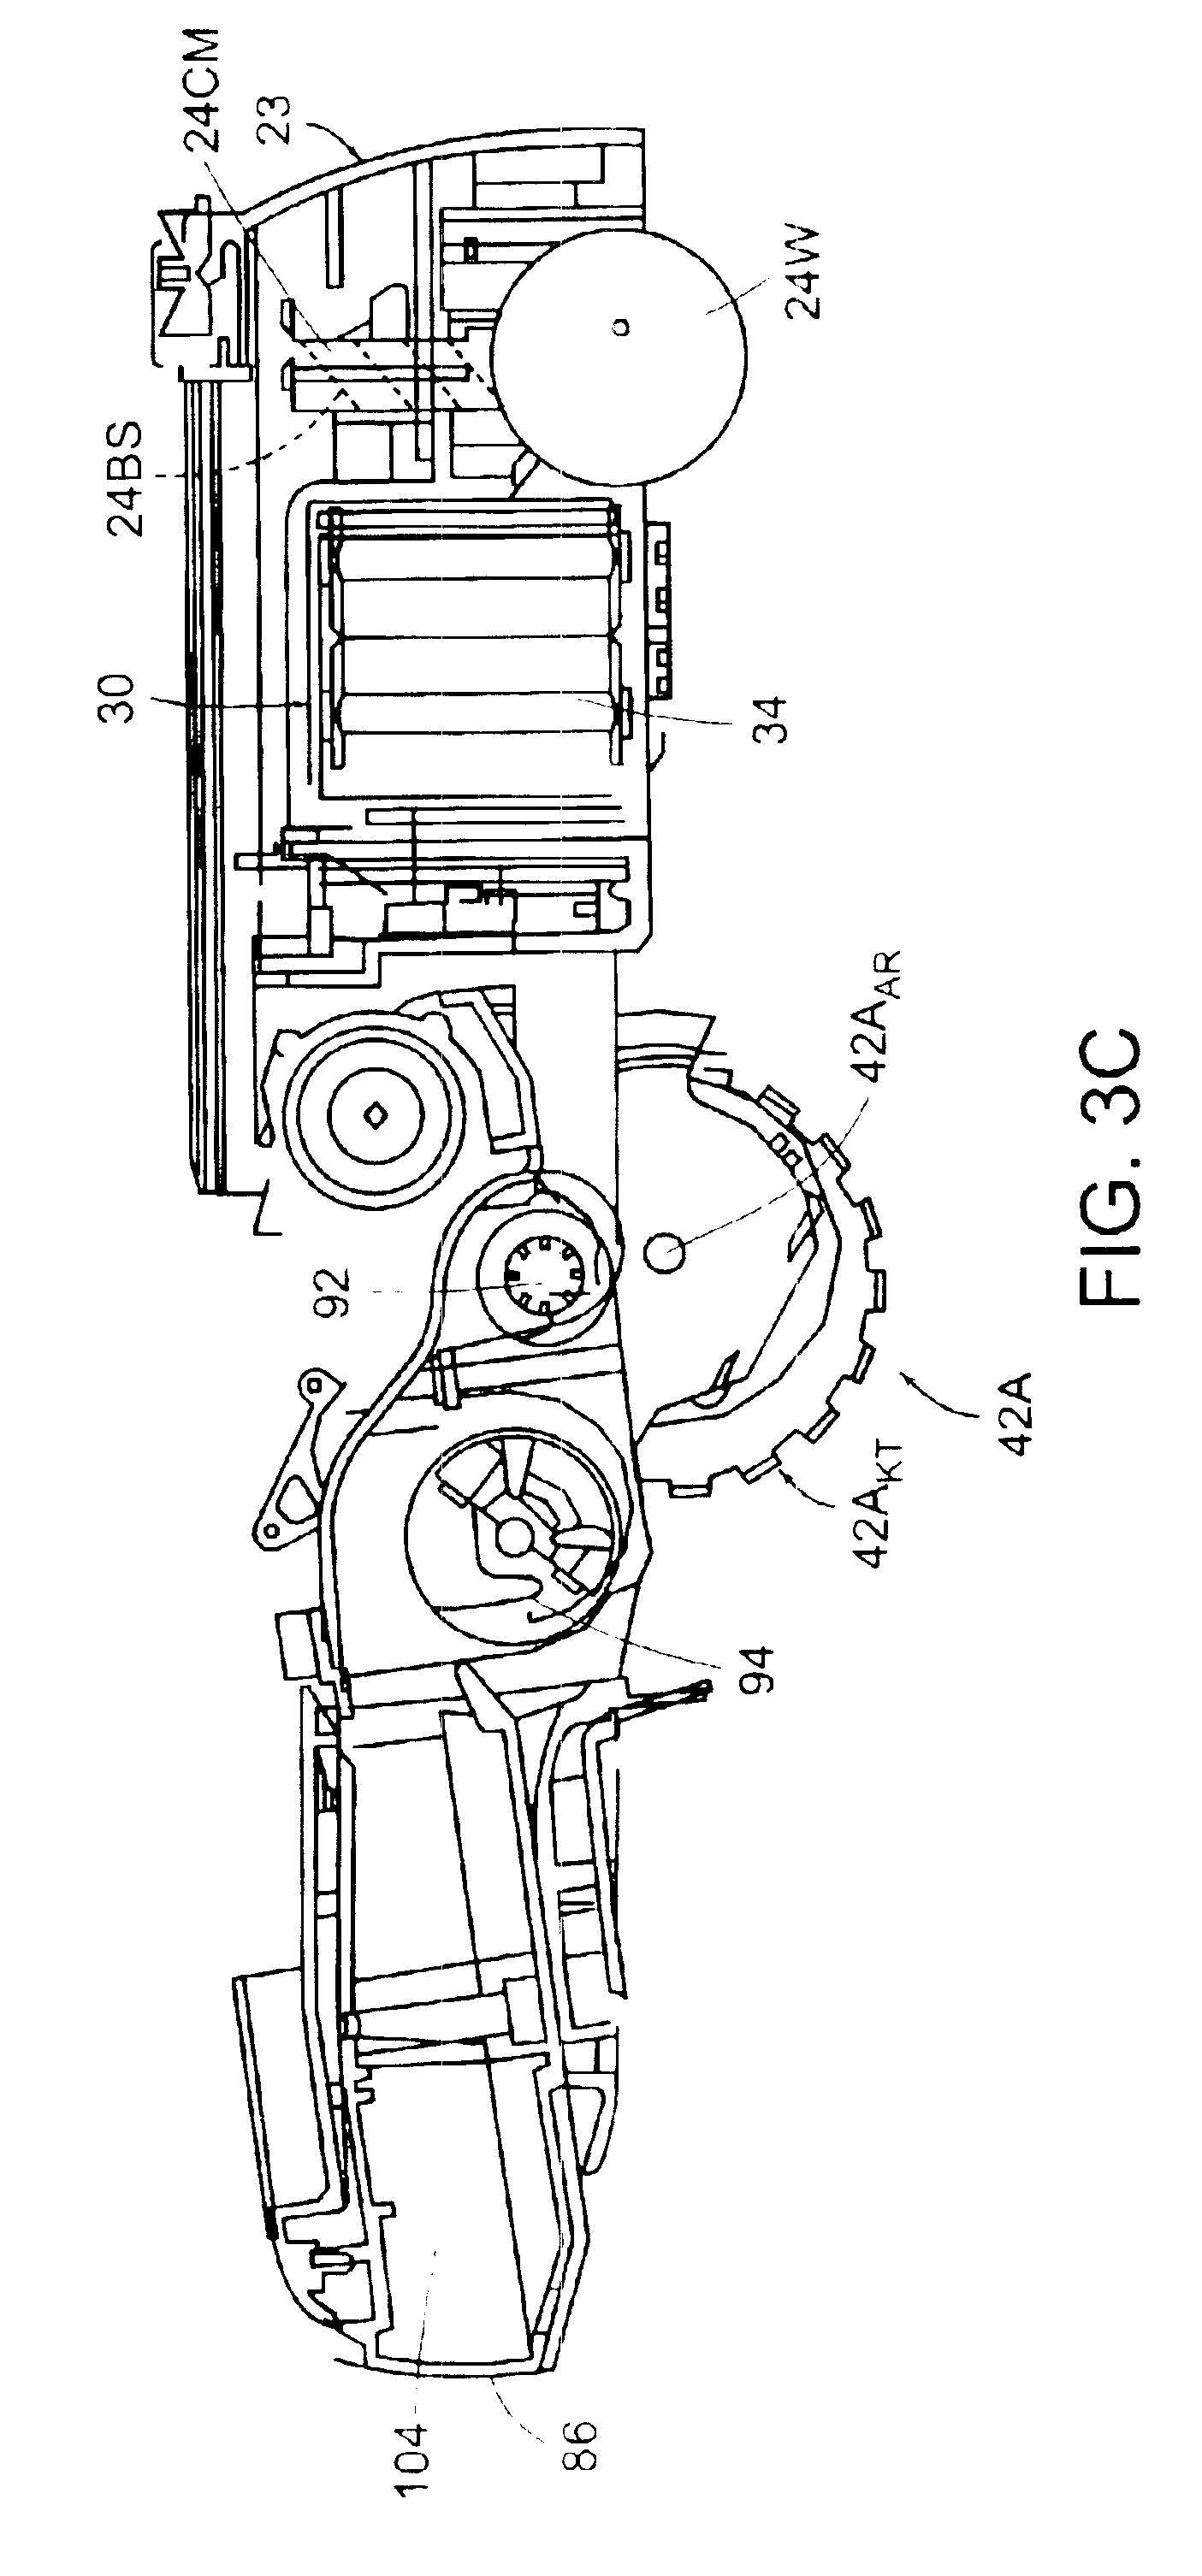 Patent Us6883201 Autonomous Floor Cleaning Robot